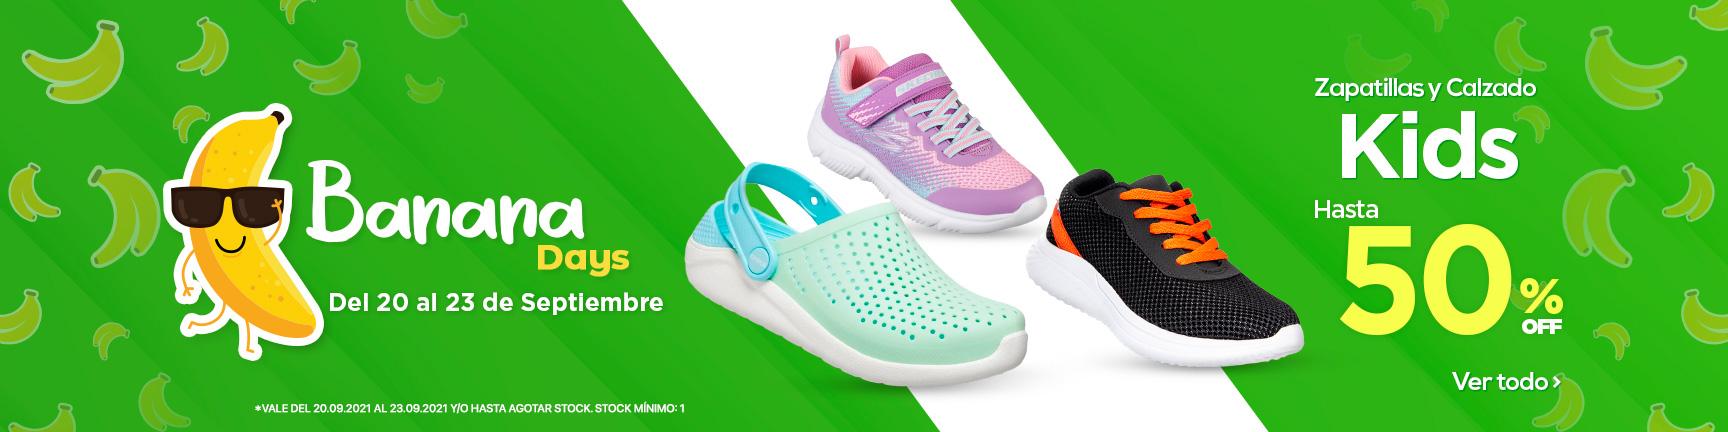 BS1 Zapatillas y Calzado Kids hasta 50%